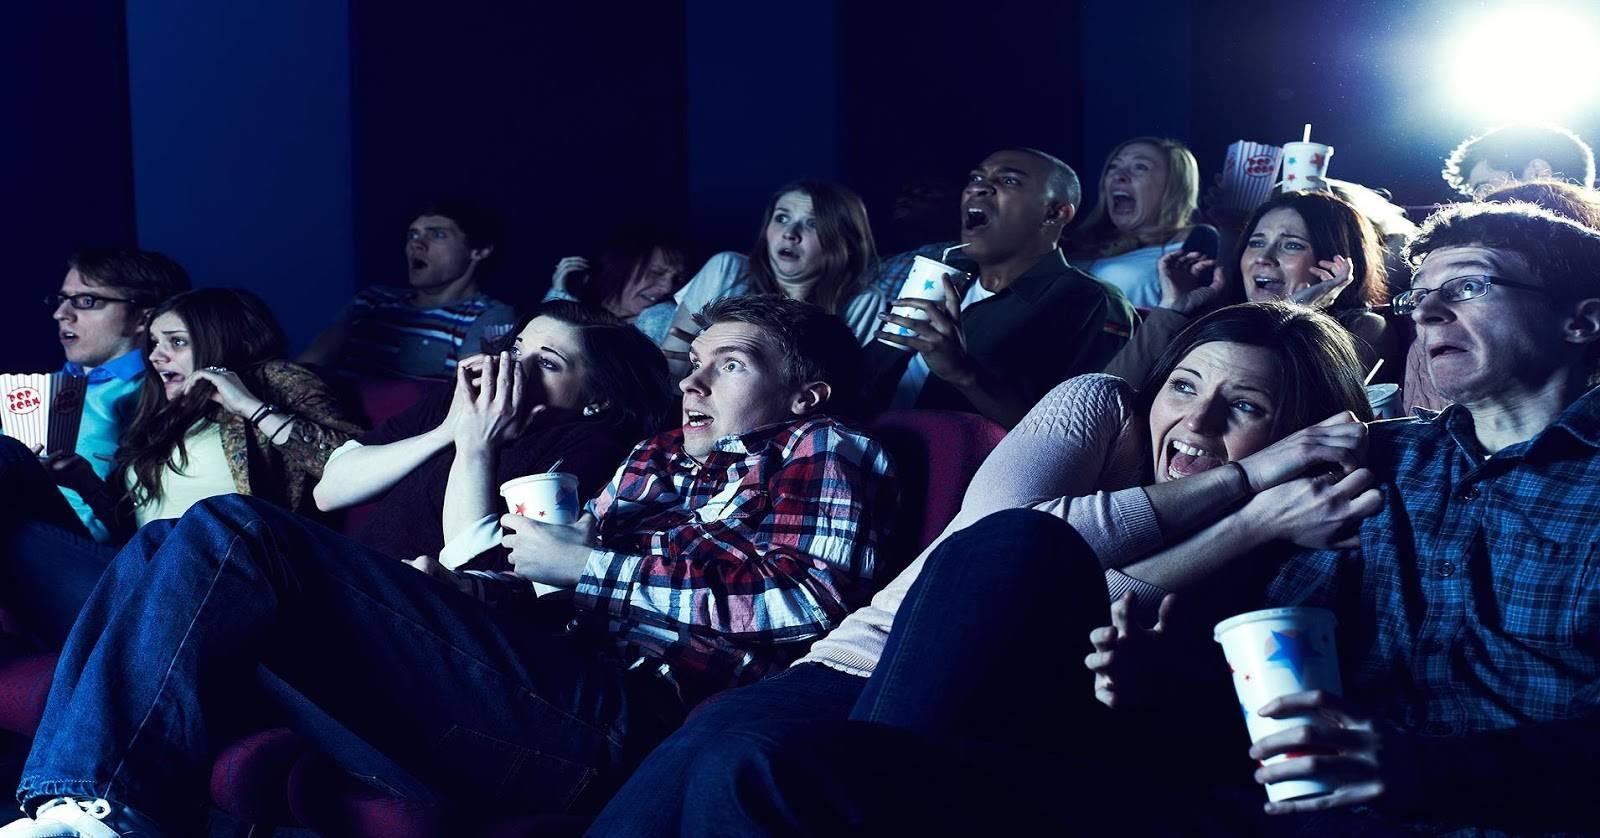 Сцены из кино, которые напугали нас по-настоящему